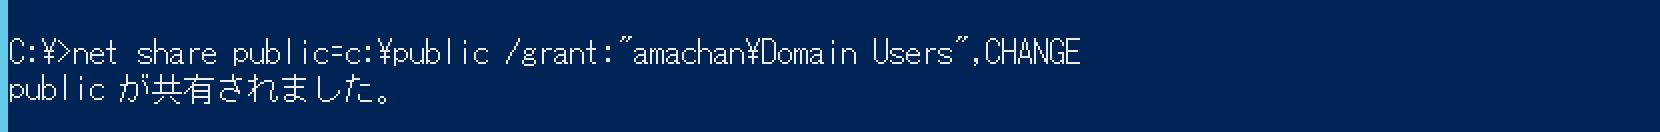 2、共有アクセス権の設定、ユーザーグループに変更権限を付与。.png